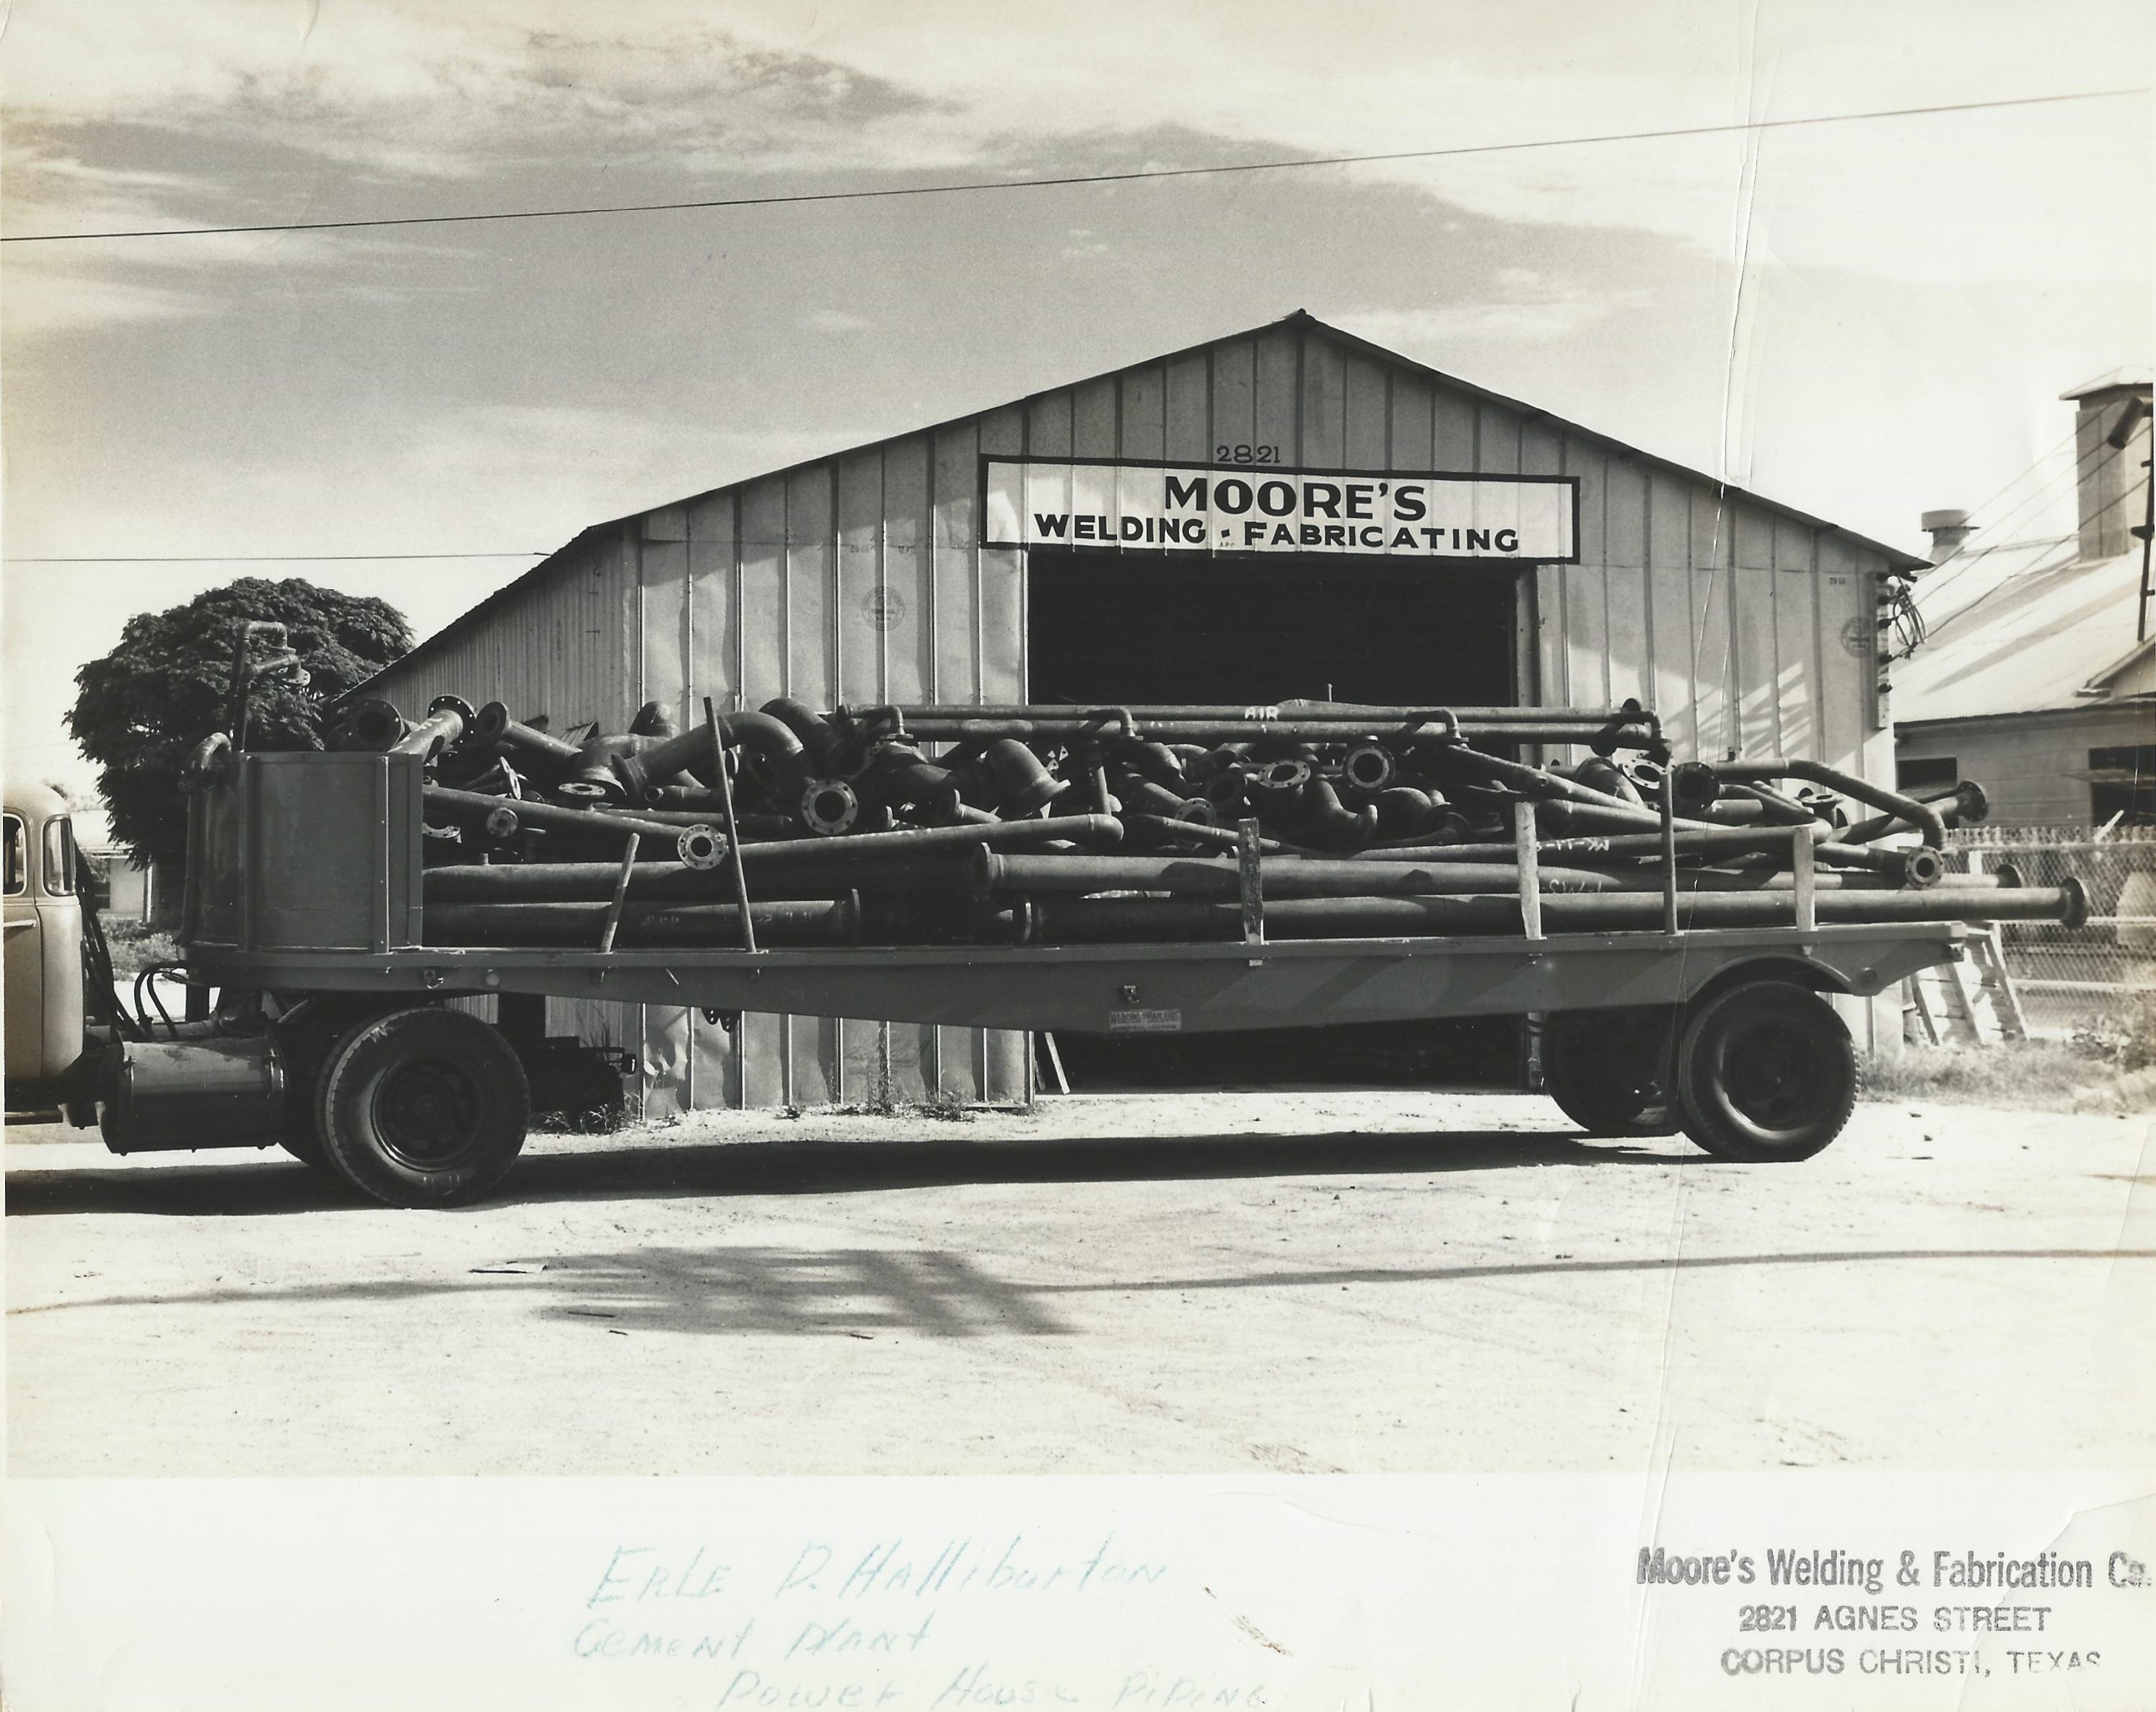 1949 Moore's welding